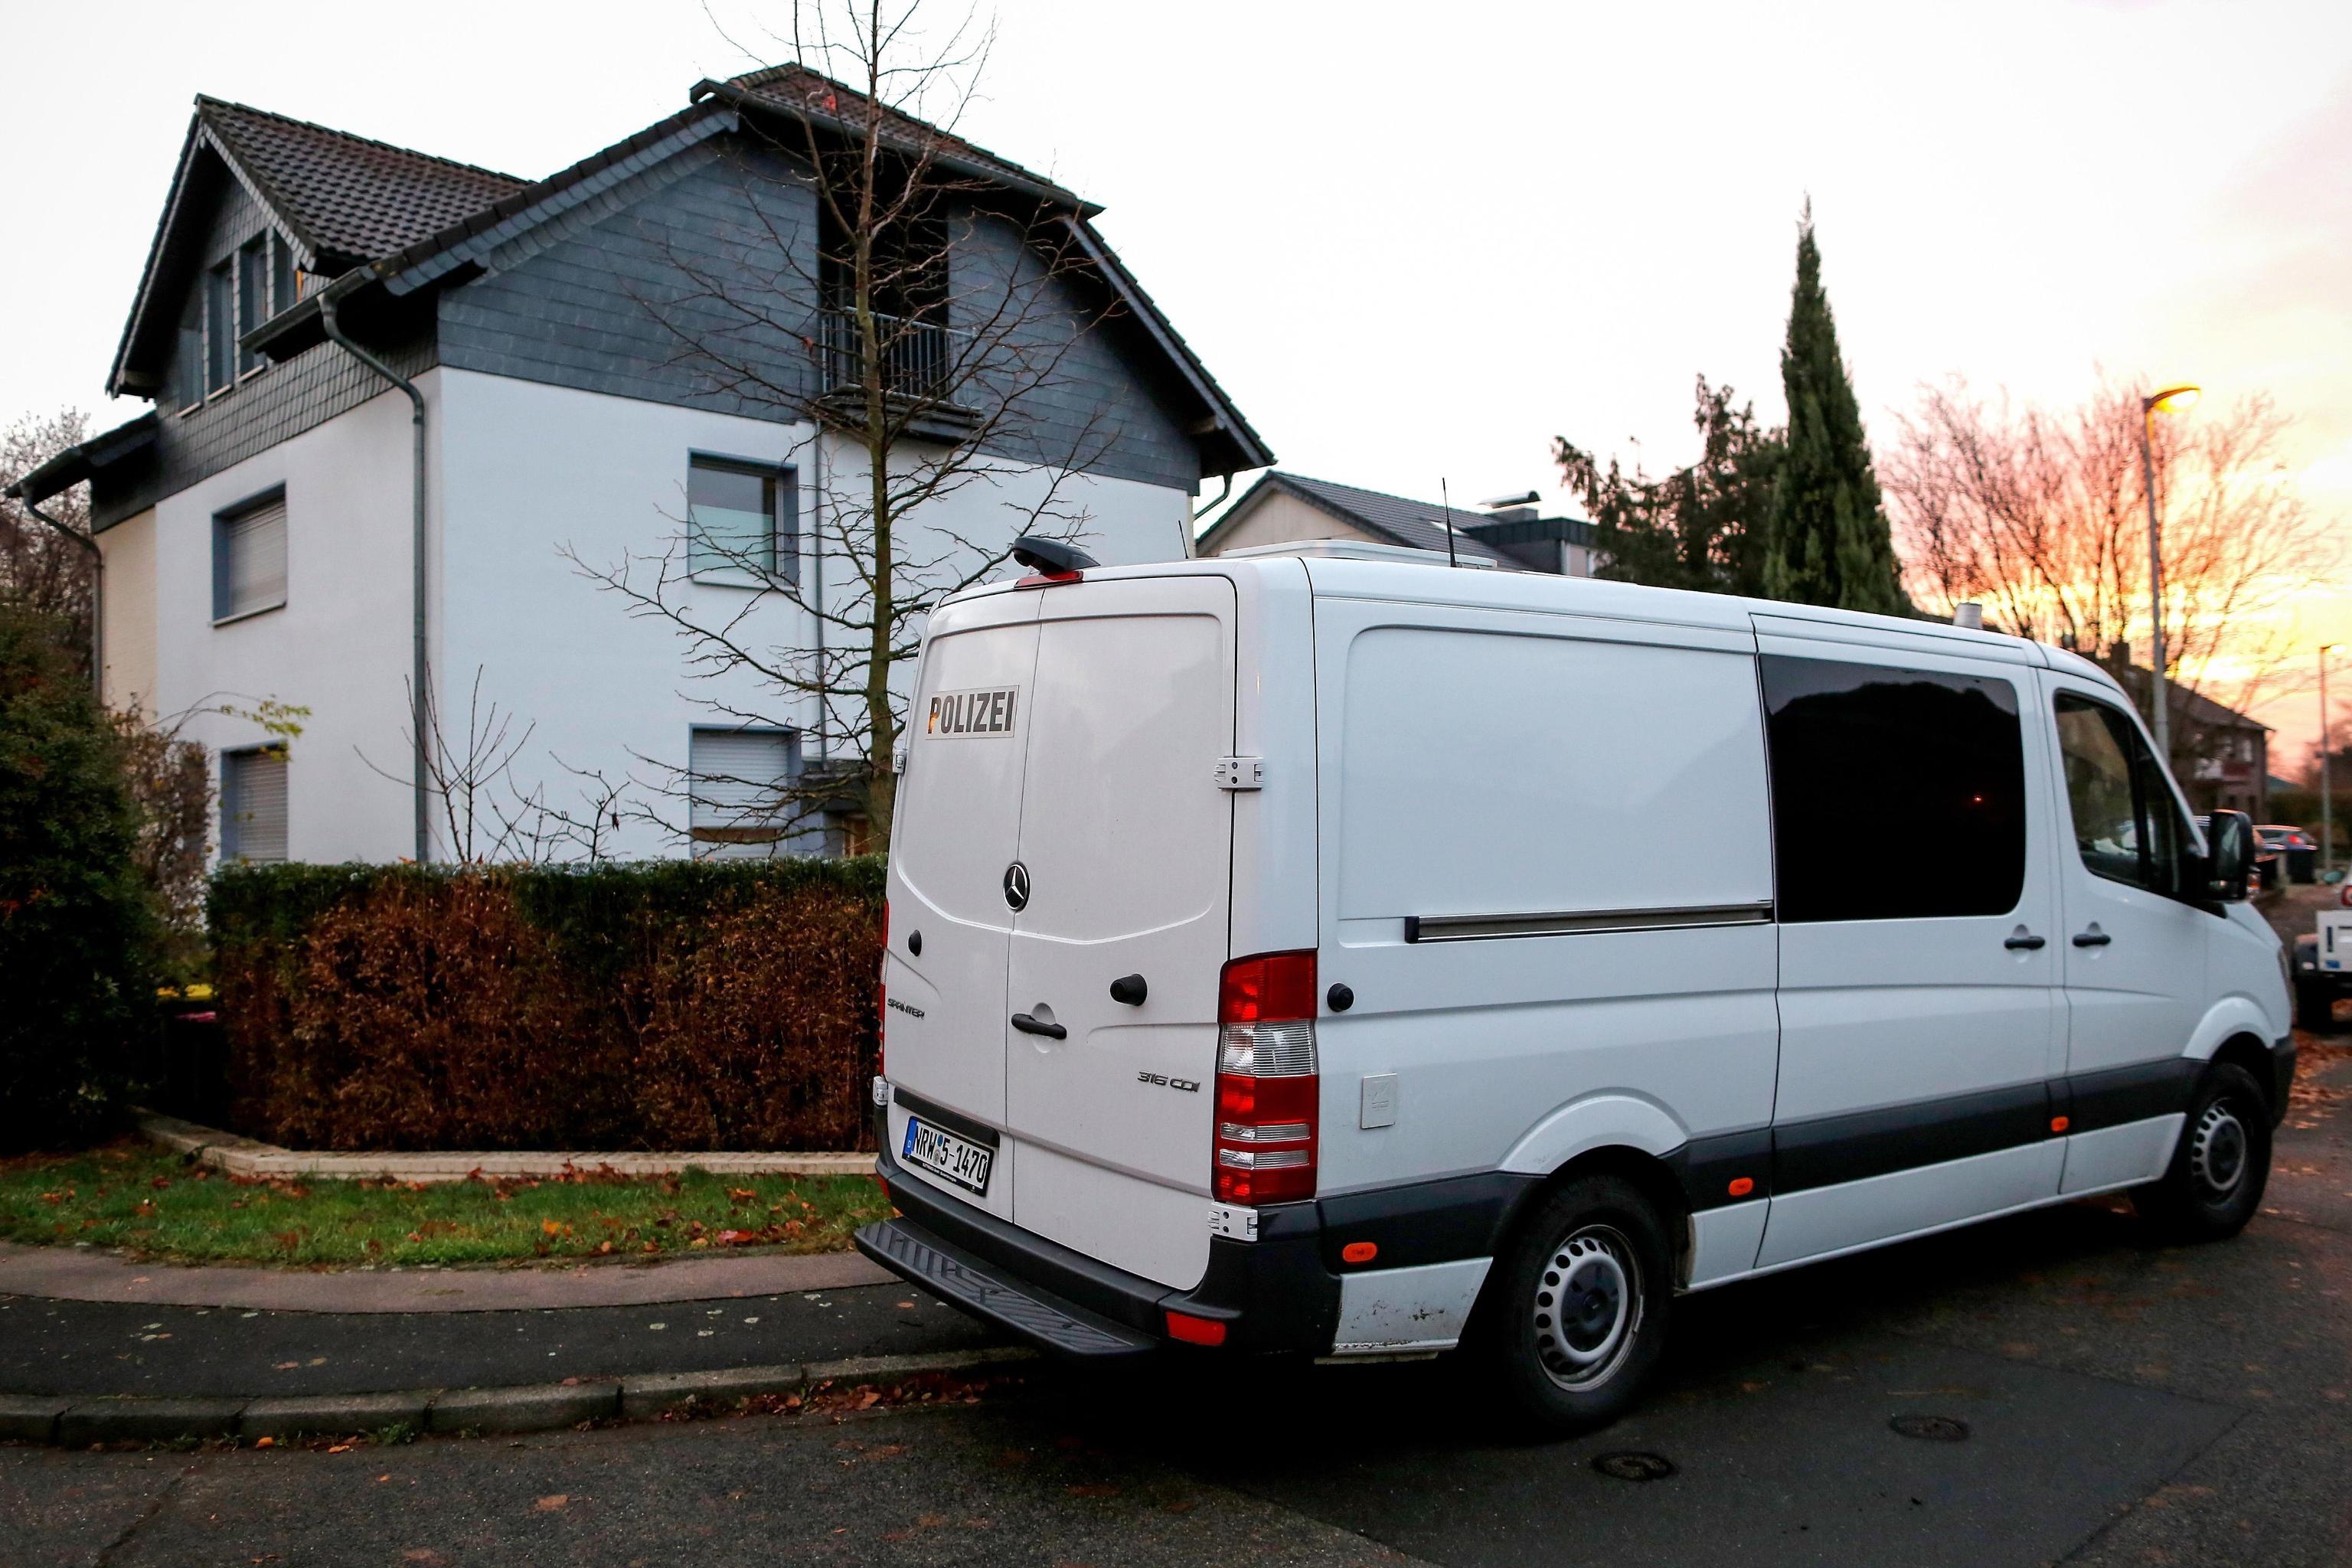 Un furgone della polizia tedesca fuori dall'abitazione oggetto di indagine